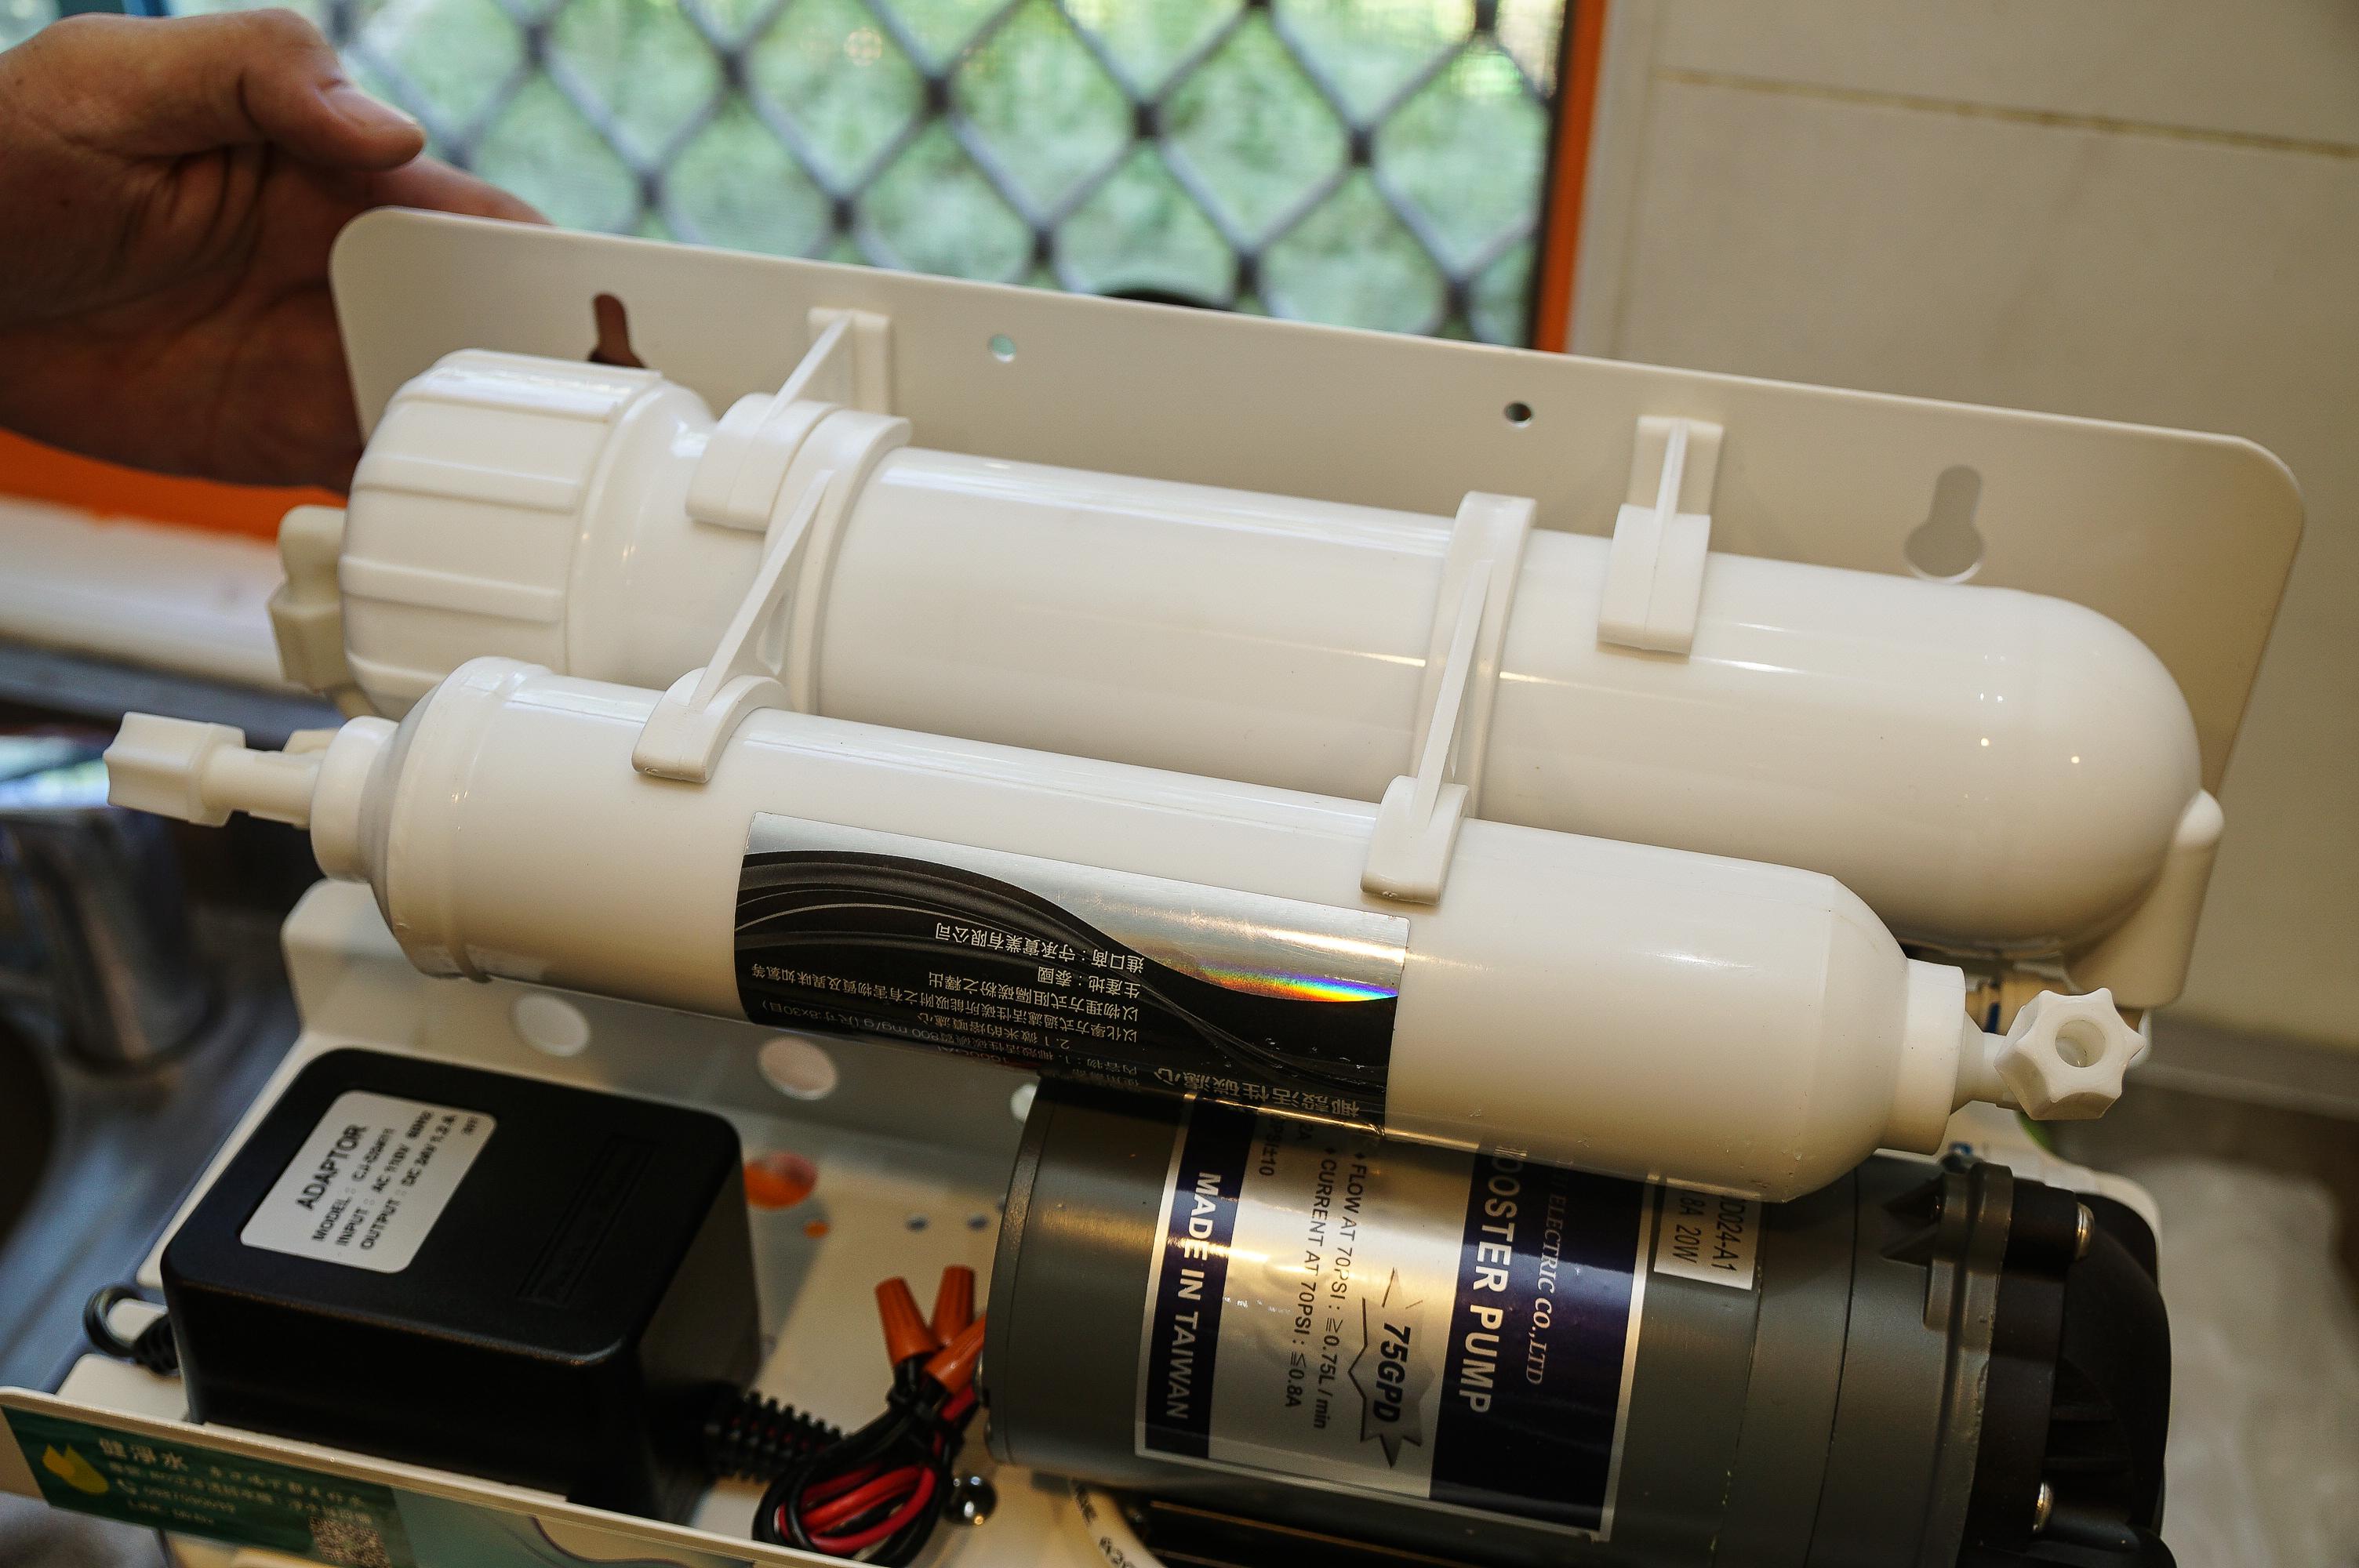 [花蓮淨水器推薦]健淨水- 如何選擇淨水器 過濾石灰質要買哪種濾水器  高C/P值淨水器推薦 定型化契約提供保固  客制化設計  咖啡廳的秘密武器